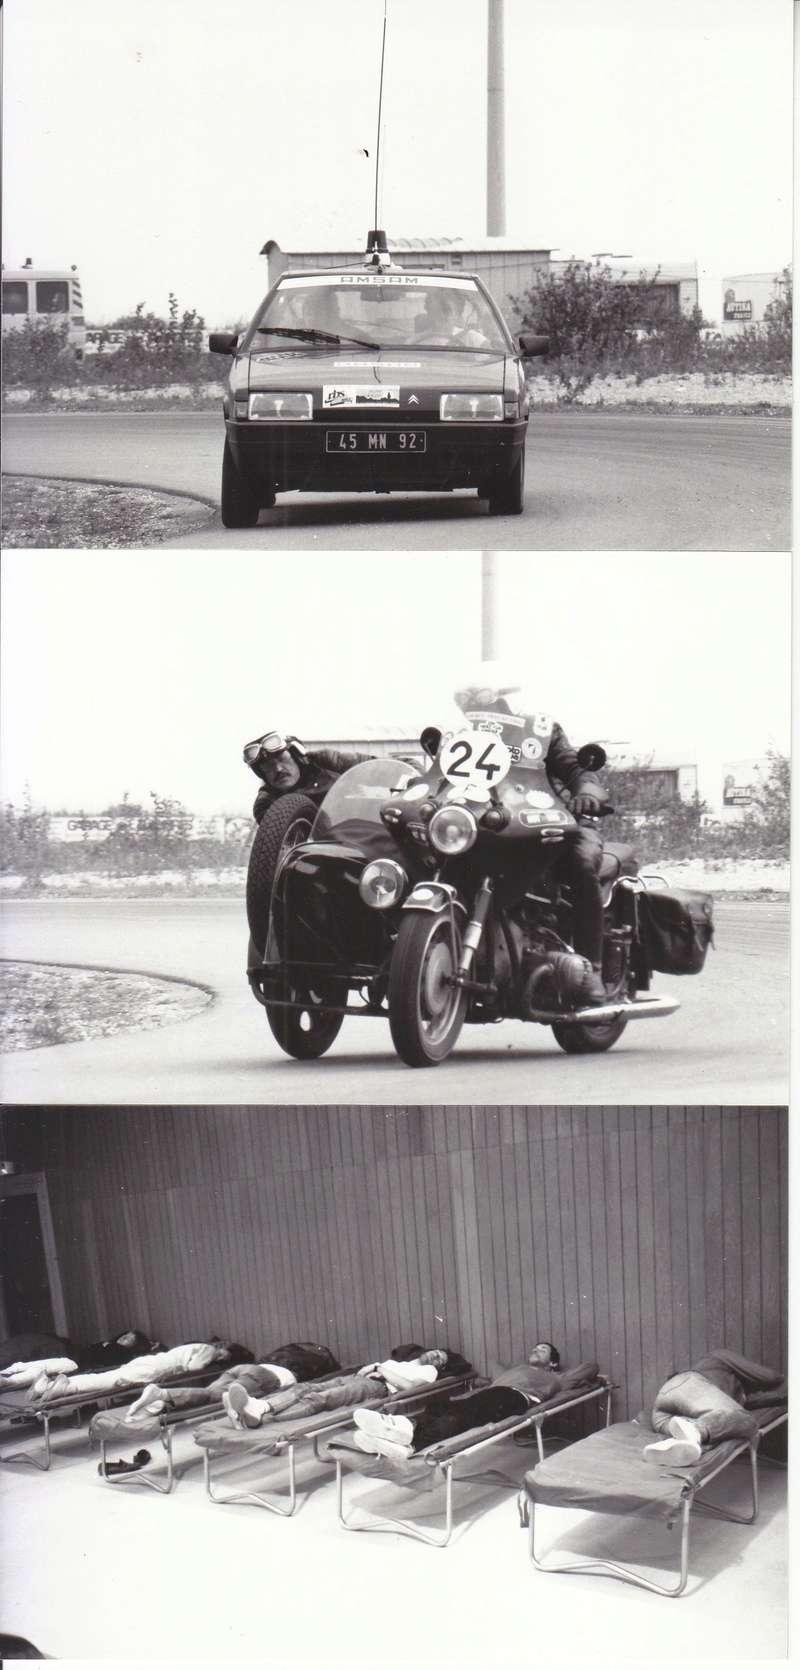 [Oldies] 1980 à 1988: Le Tour de France side-car, par Joël Enndewell  - Page 17 Sans_t68